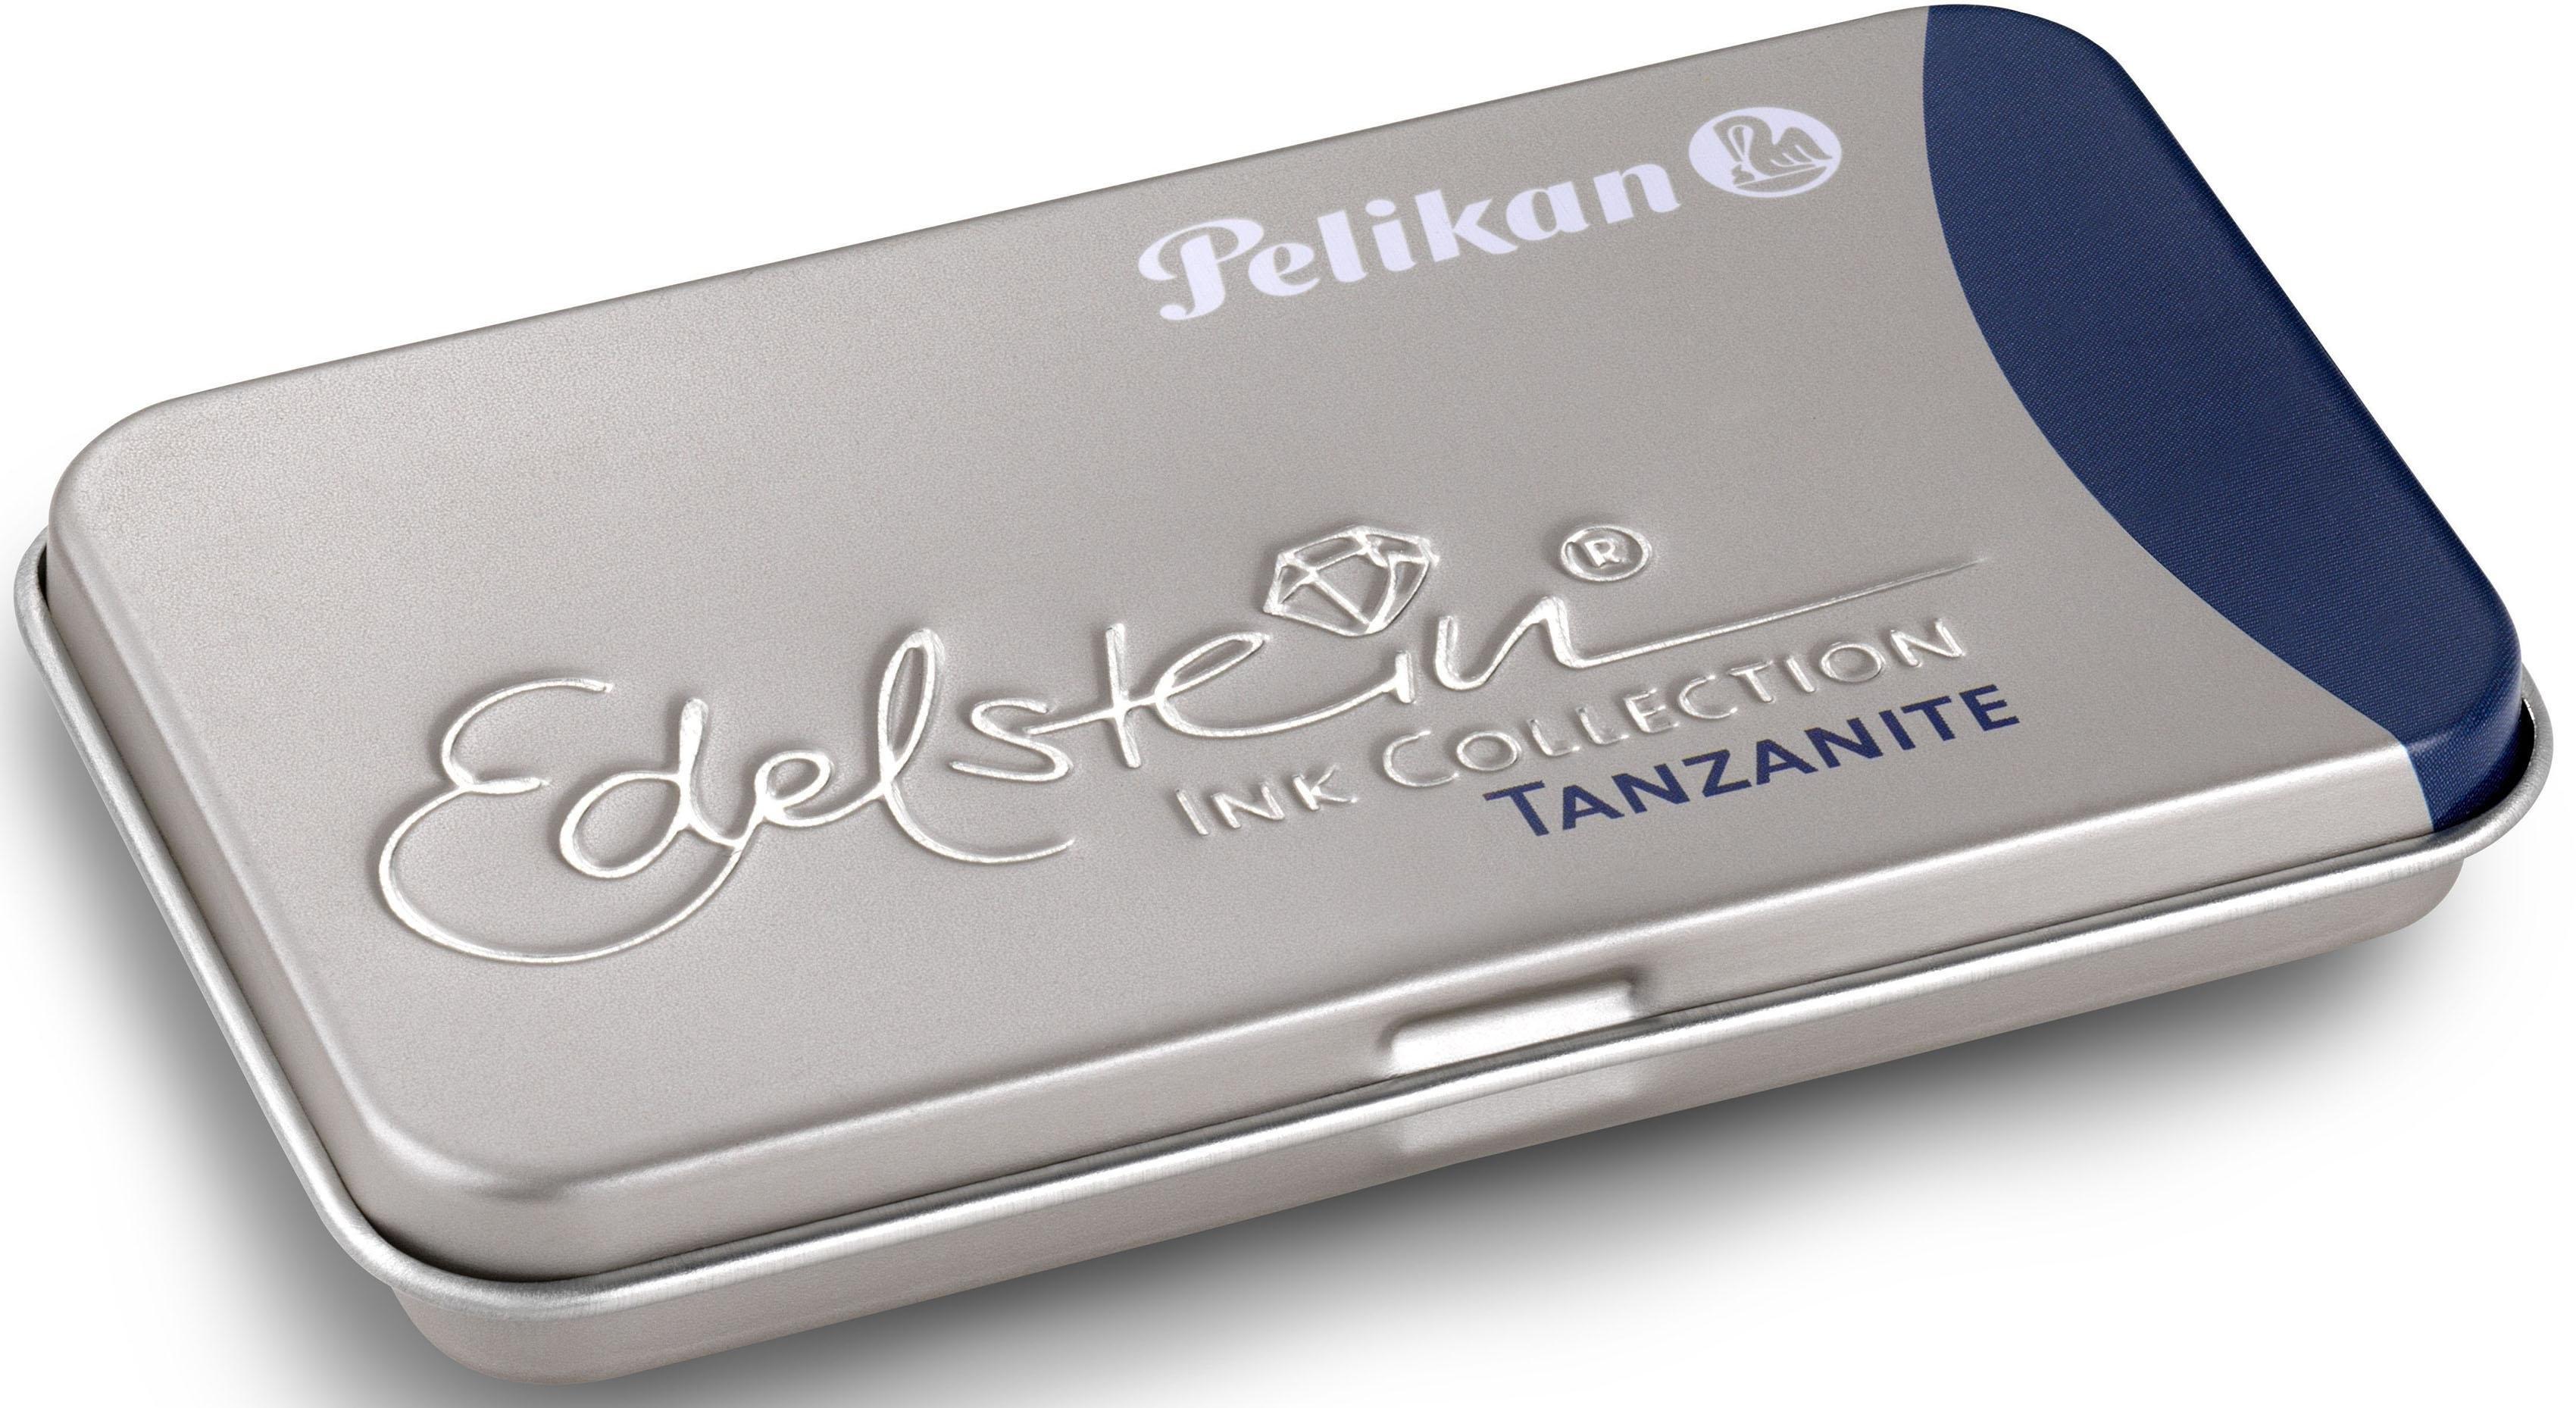 Pelikan inktpatronen, »Edelstein® Ink in metalen houder, Tanzanite« bestellen: 14 dagen bedenktijd